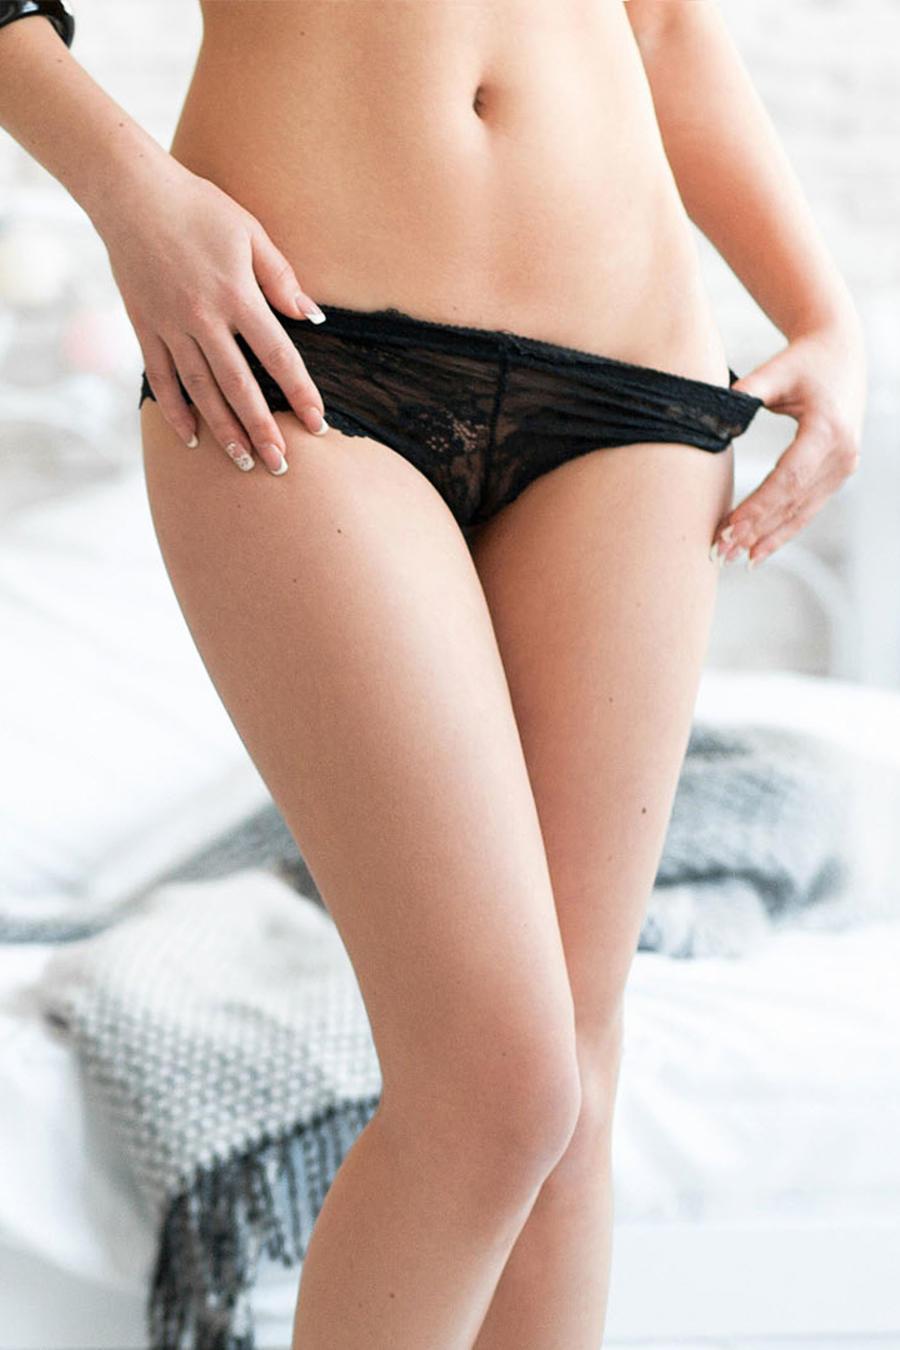 Mujer con ropa interior negra de pie frente a la cama